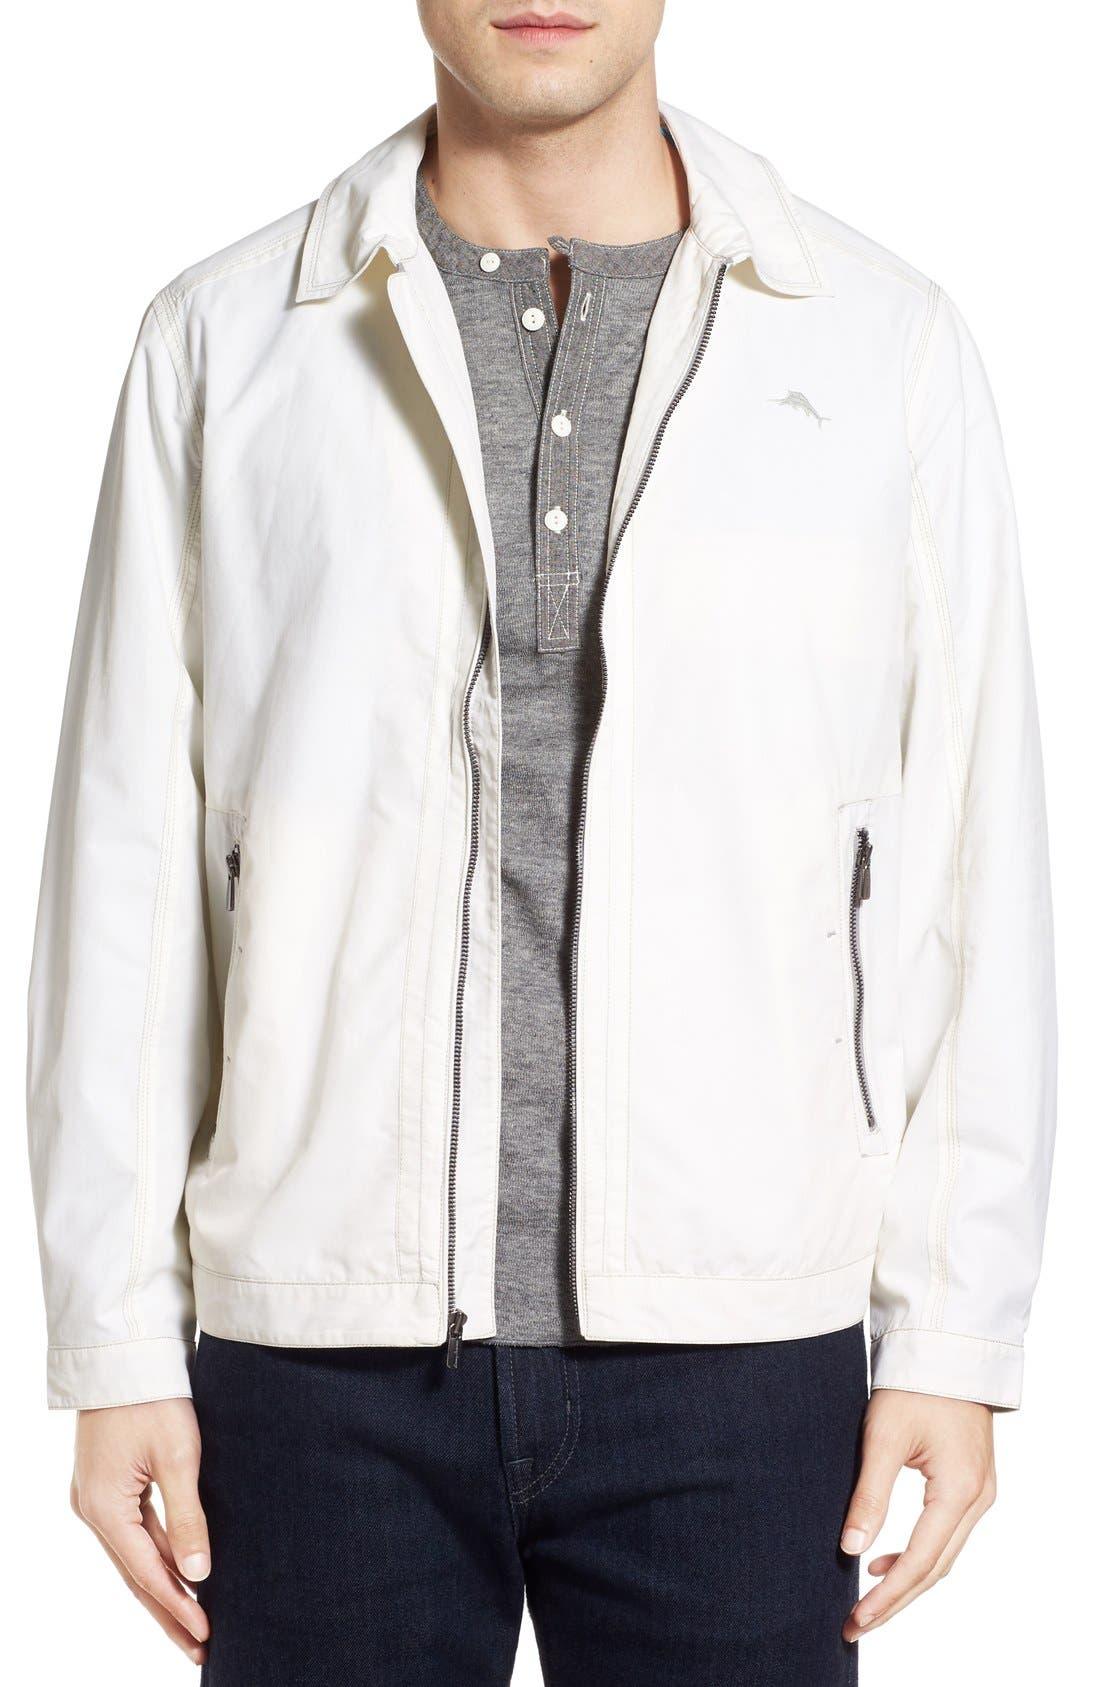 Alternate Image 1 Selected - Tommy Bahama 'Cannes Cruiser' Jacket